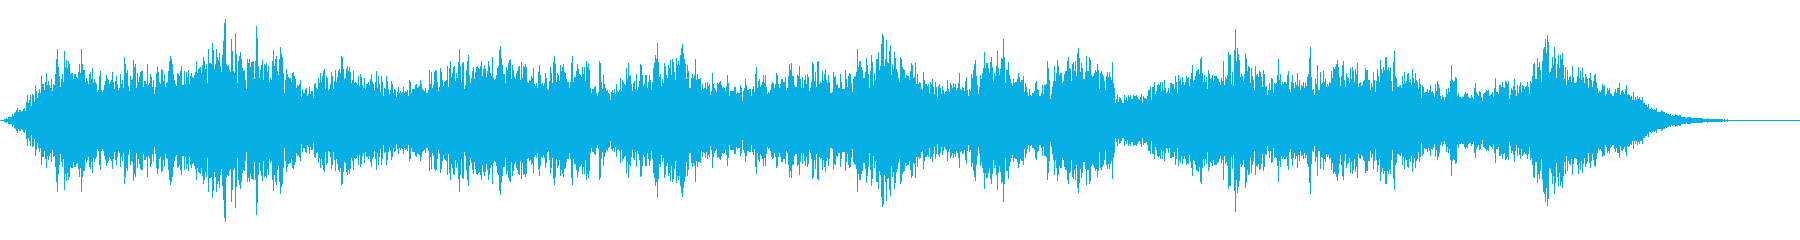 擬似人声音を逆再生したかのような音の再生済みの波形